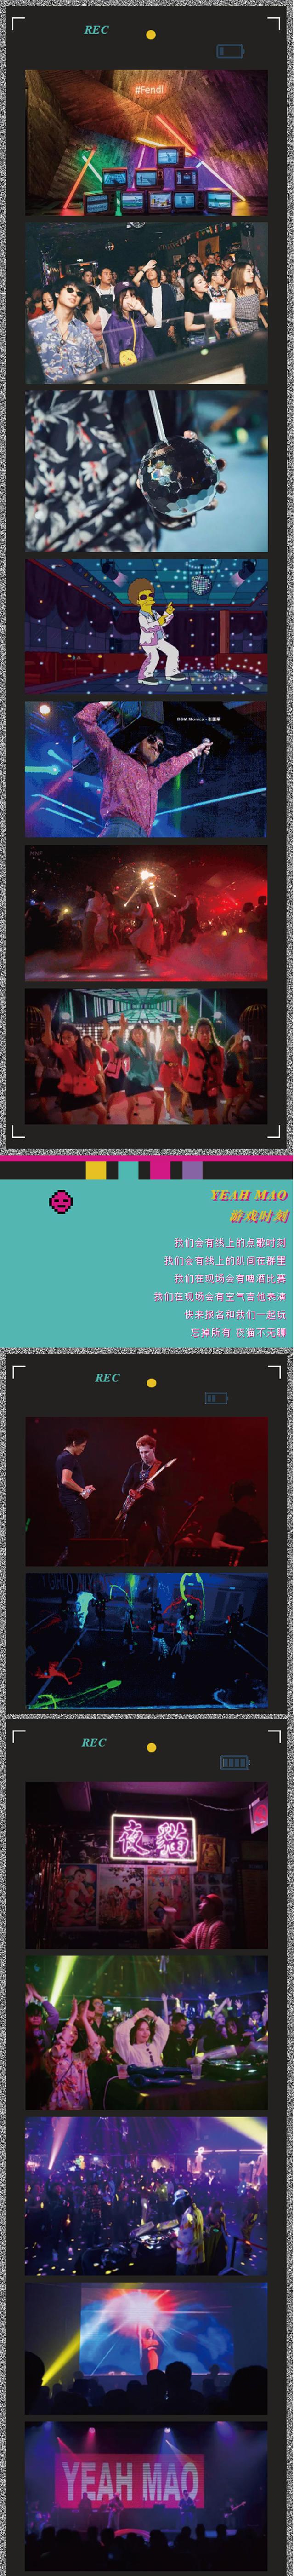 【上海站】万圣节超级变装狂欢派对 「魔仙堡」LVH